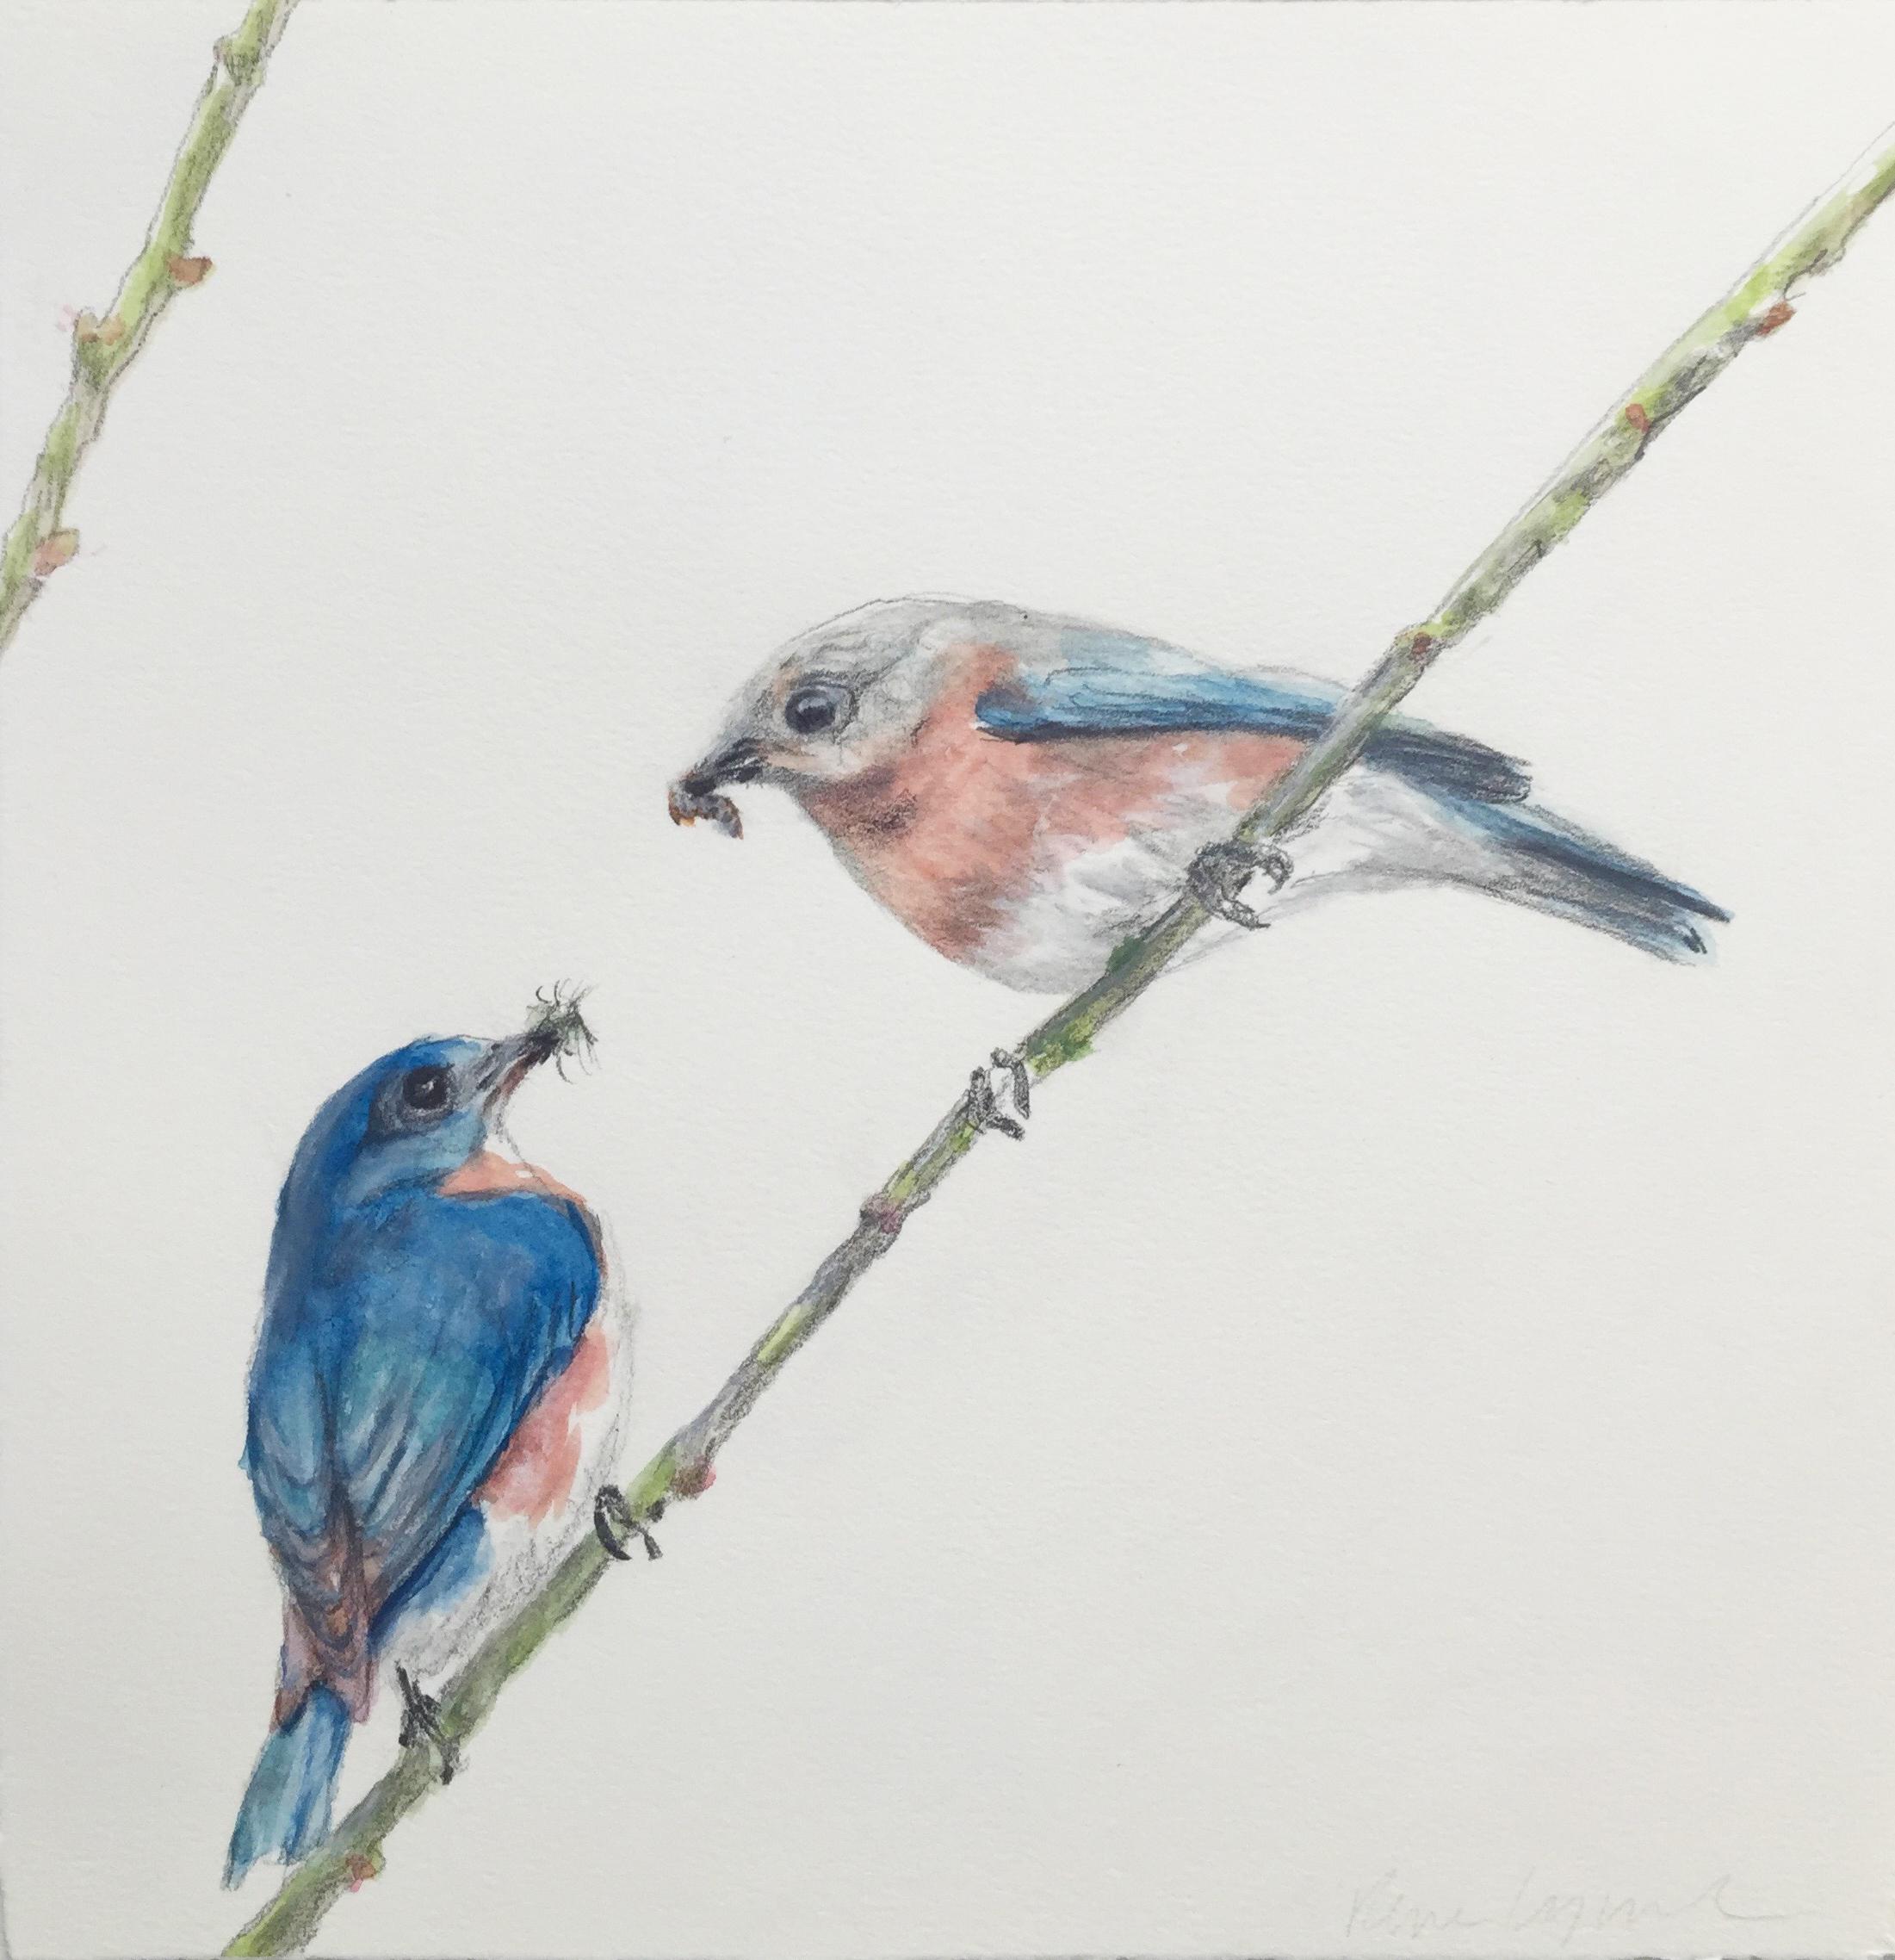 #35 Rene Lynch  Blue Birds  Watercolor on paper 10 x 10 in. 2018